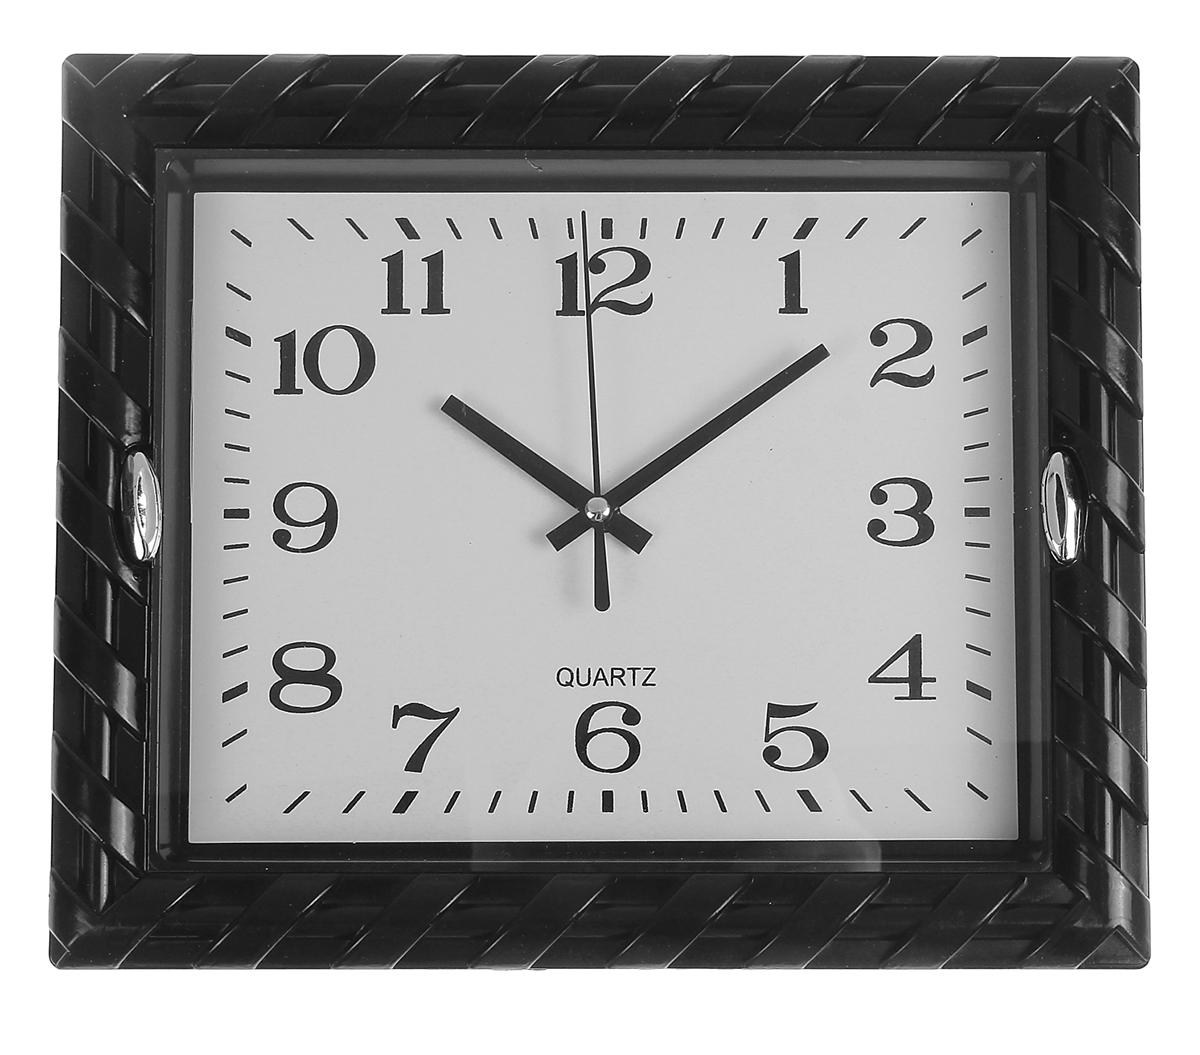 Часы настенные Косичка, с 2 держателями, цвет: черный, белый, 23 х 27 см155459Каждому хозяину периодически приходит мысль обновить свою квартиру, сделать ремонт, перестановку или кардинально поменять внешний вид каждой комнаты. Часы настенные прямоугольные Витая рама, 2 держателя, циферблат белый, рама-косичка черная — привлекательная деталь, которая поможет воплотить вашу интерьерную идею, создать неповторимую атмосферу в вашем доме. Окружите себя приятными мелочами, пусть они радуют глаз и дарят гармонию.Часы настенные прямоугольник, рама черная косичка с 2 держ прямыми, циферблат белый 23х27см 155459